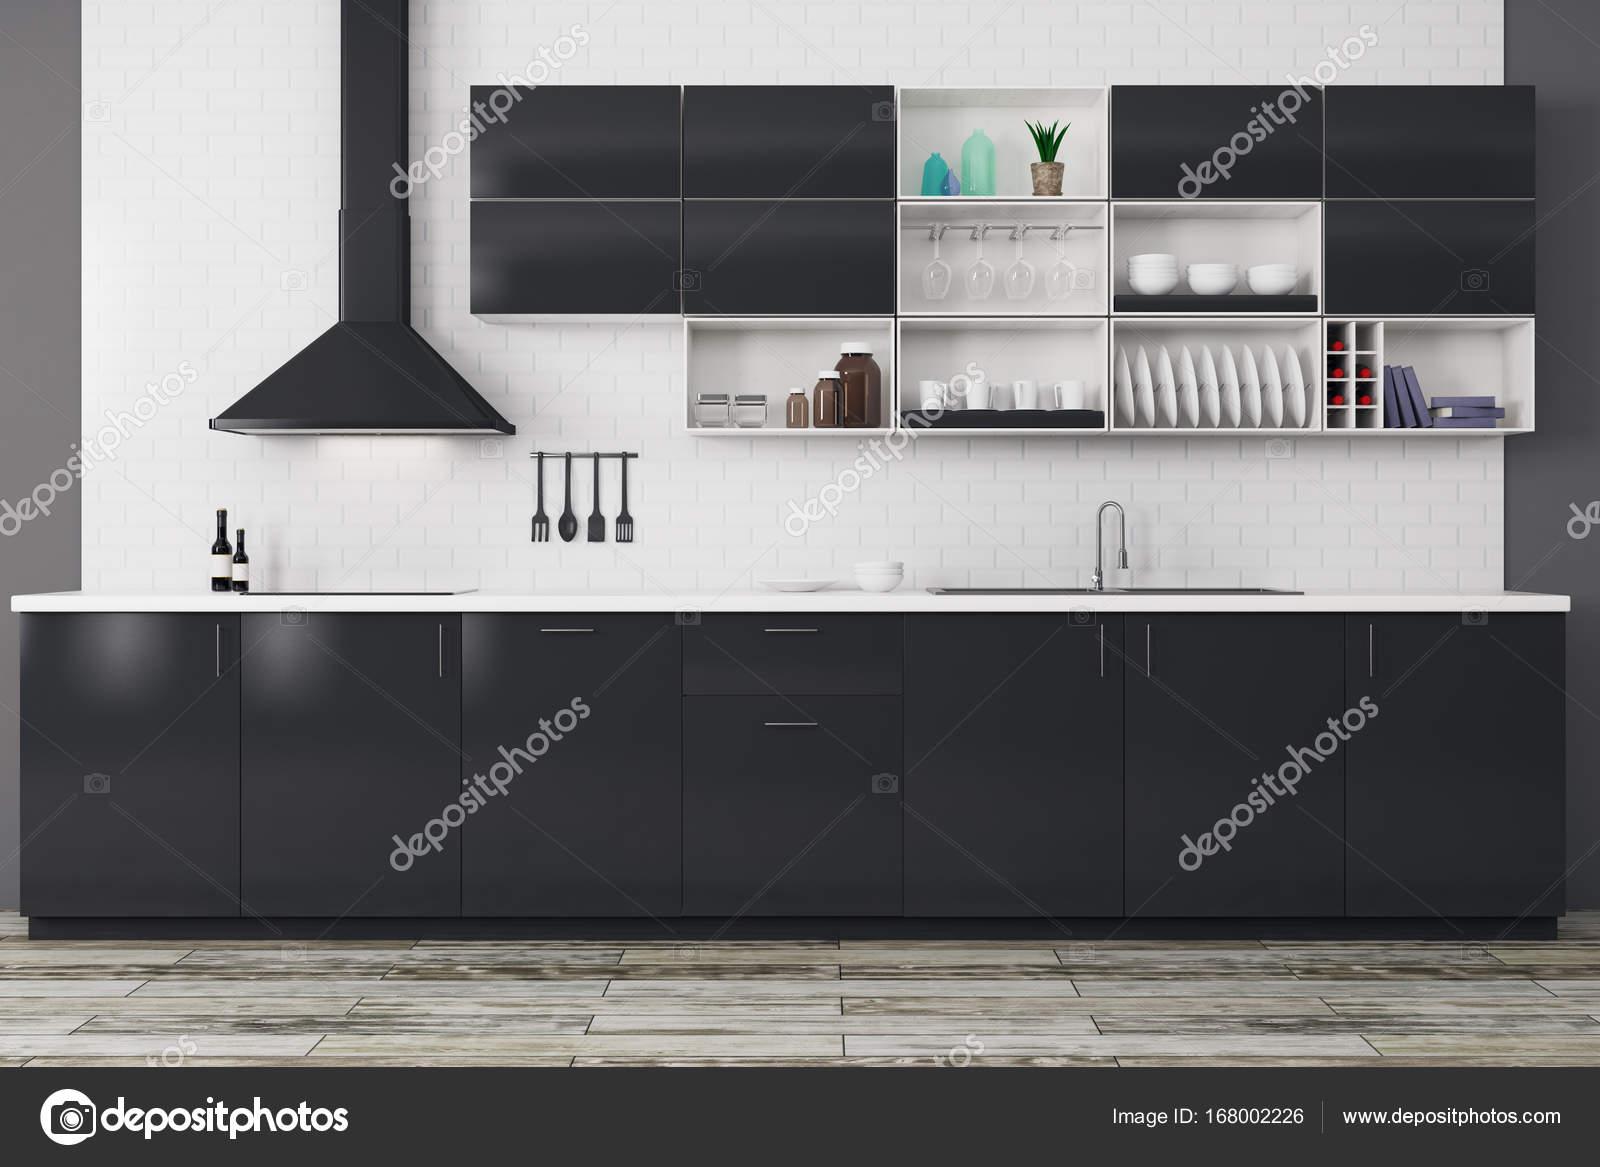 Moderne Zwarte Keuken : Moderne zwarte keuken u2014 stockfoto © peshkova #168002226